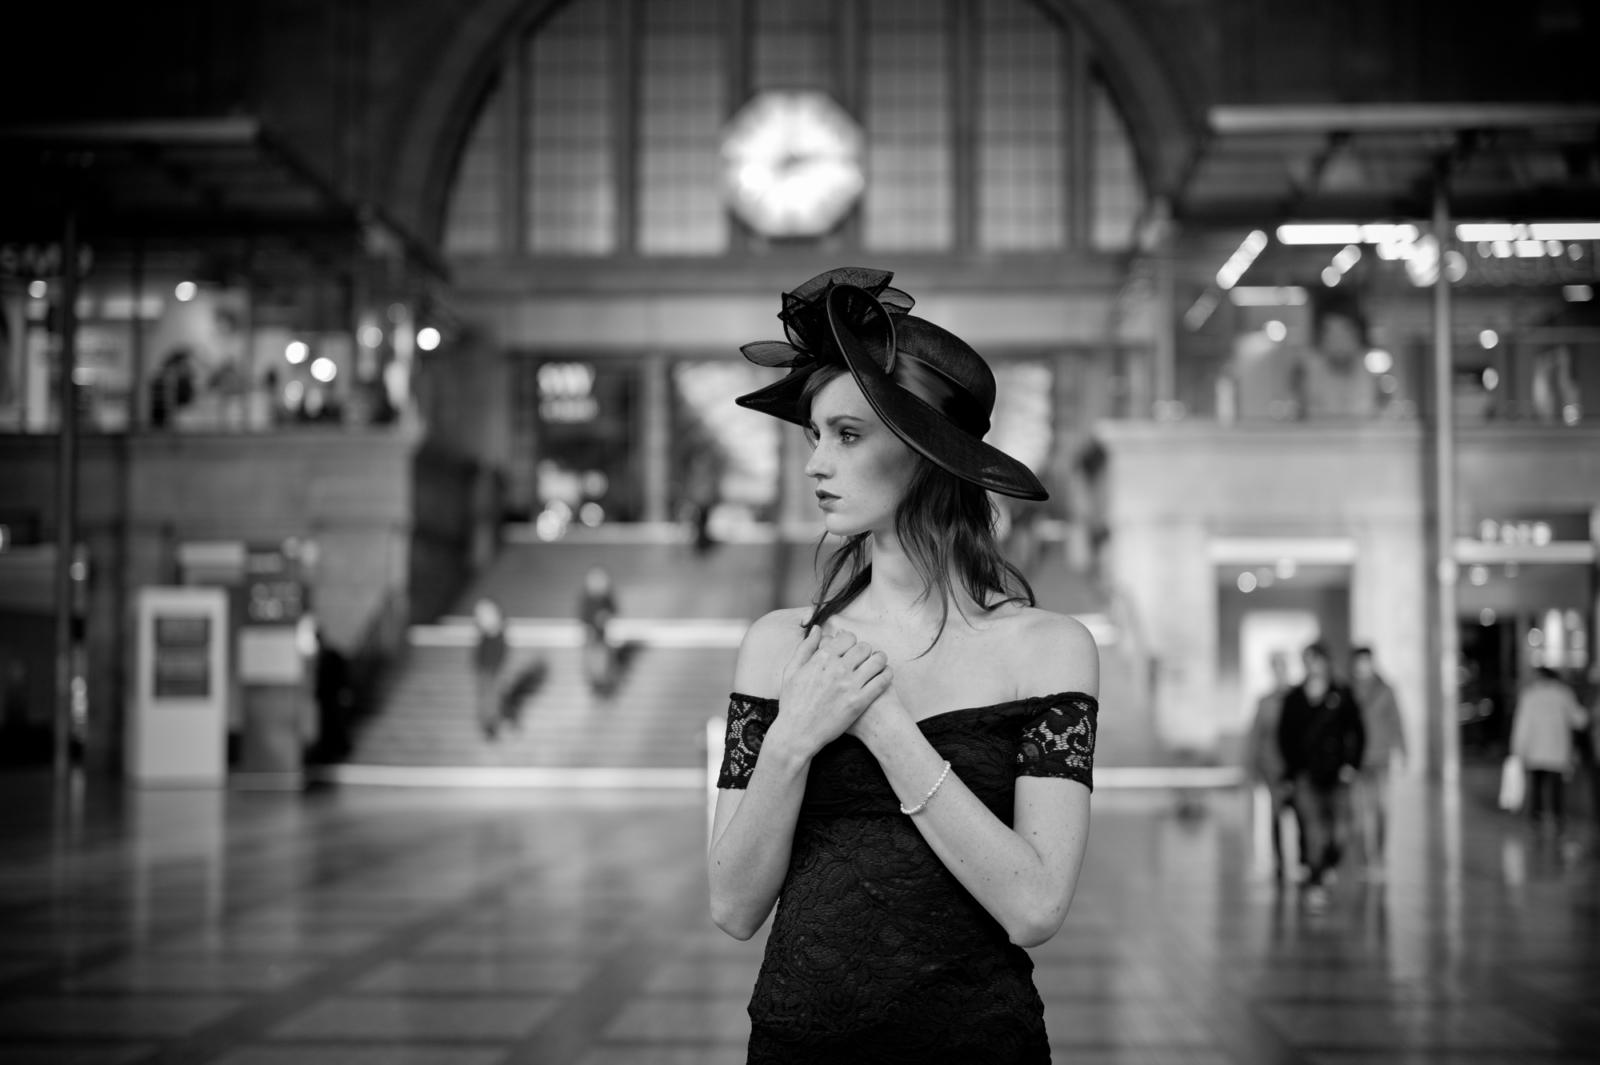 Porträt eine Frau mit Hut in einer Bahnhofshalle